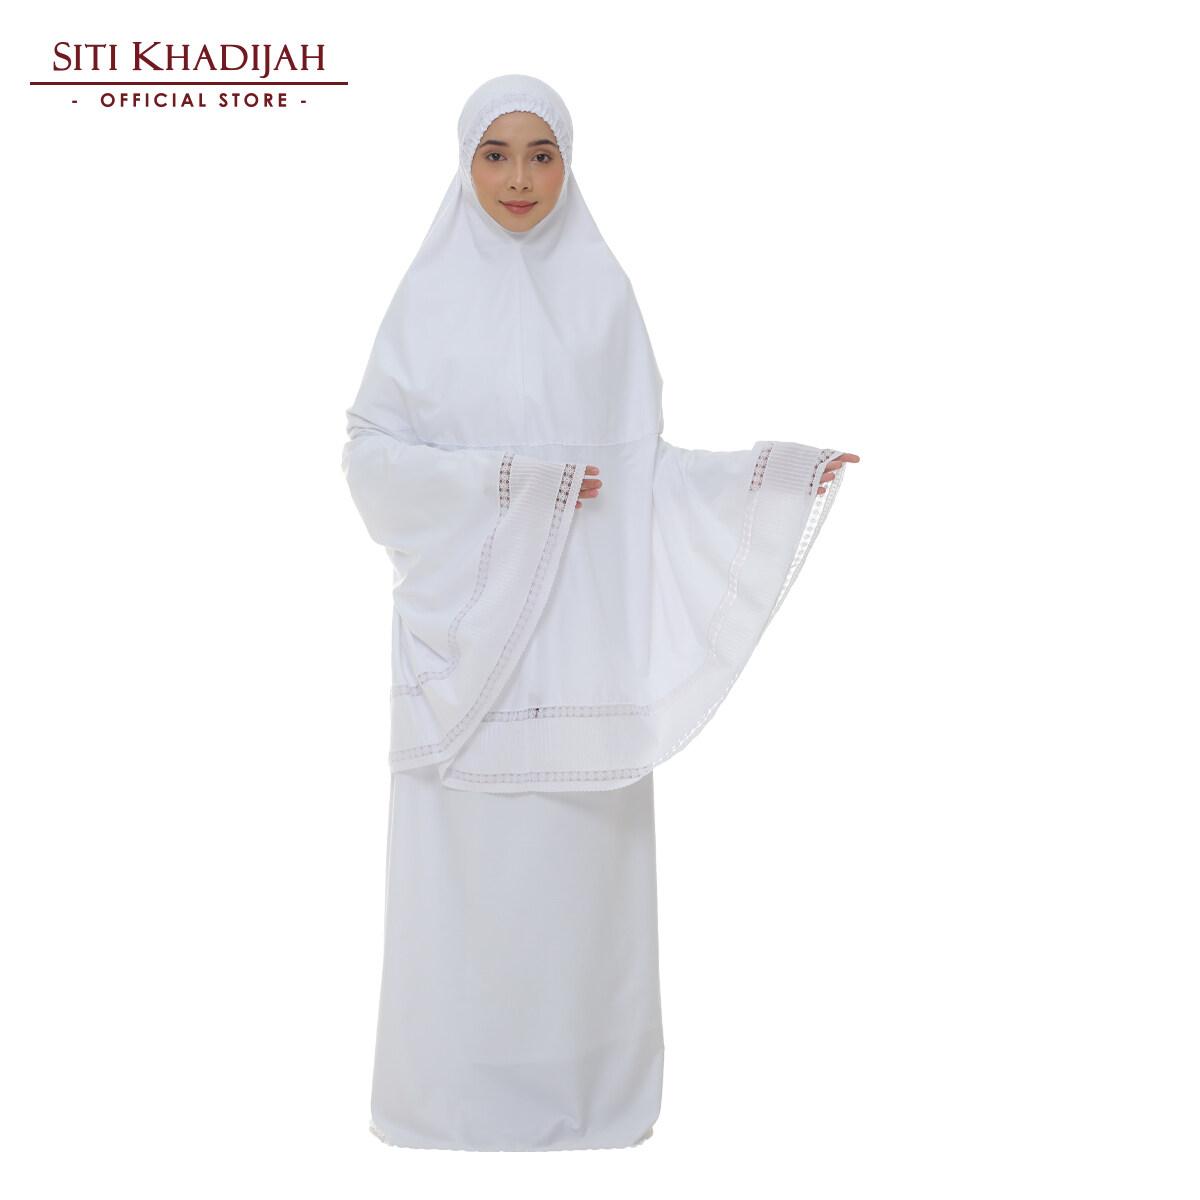 Siti Khadijah Signature Rumi